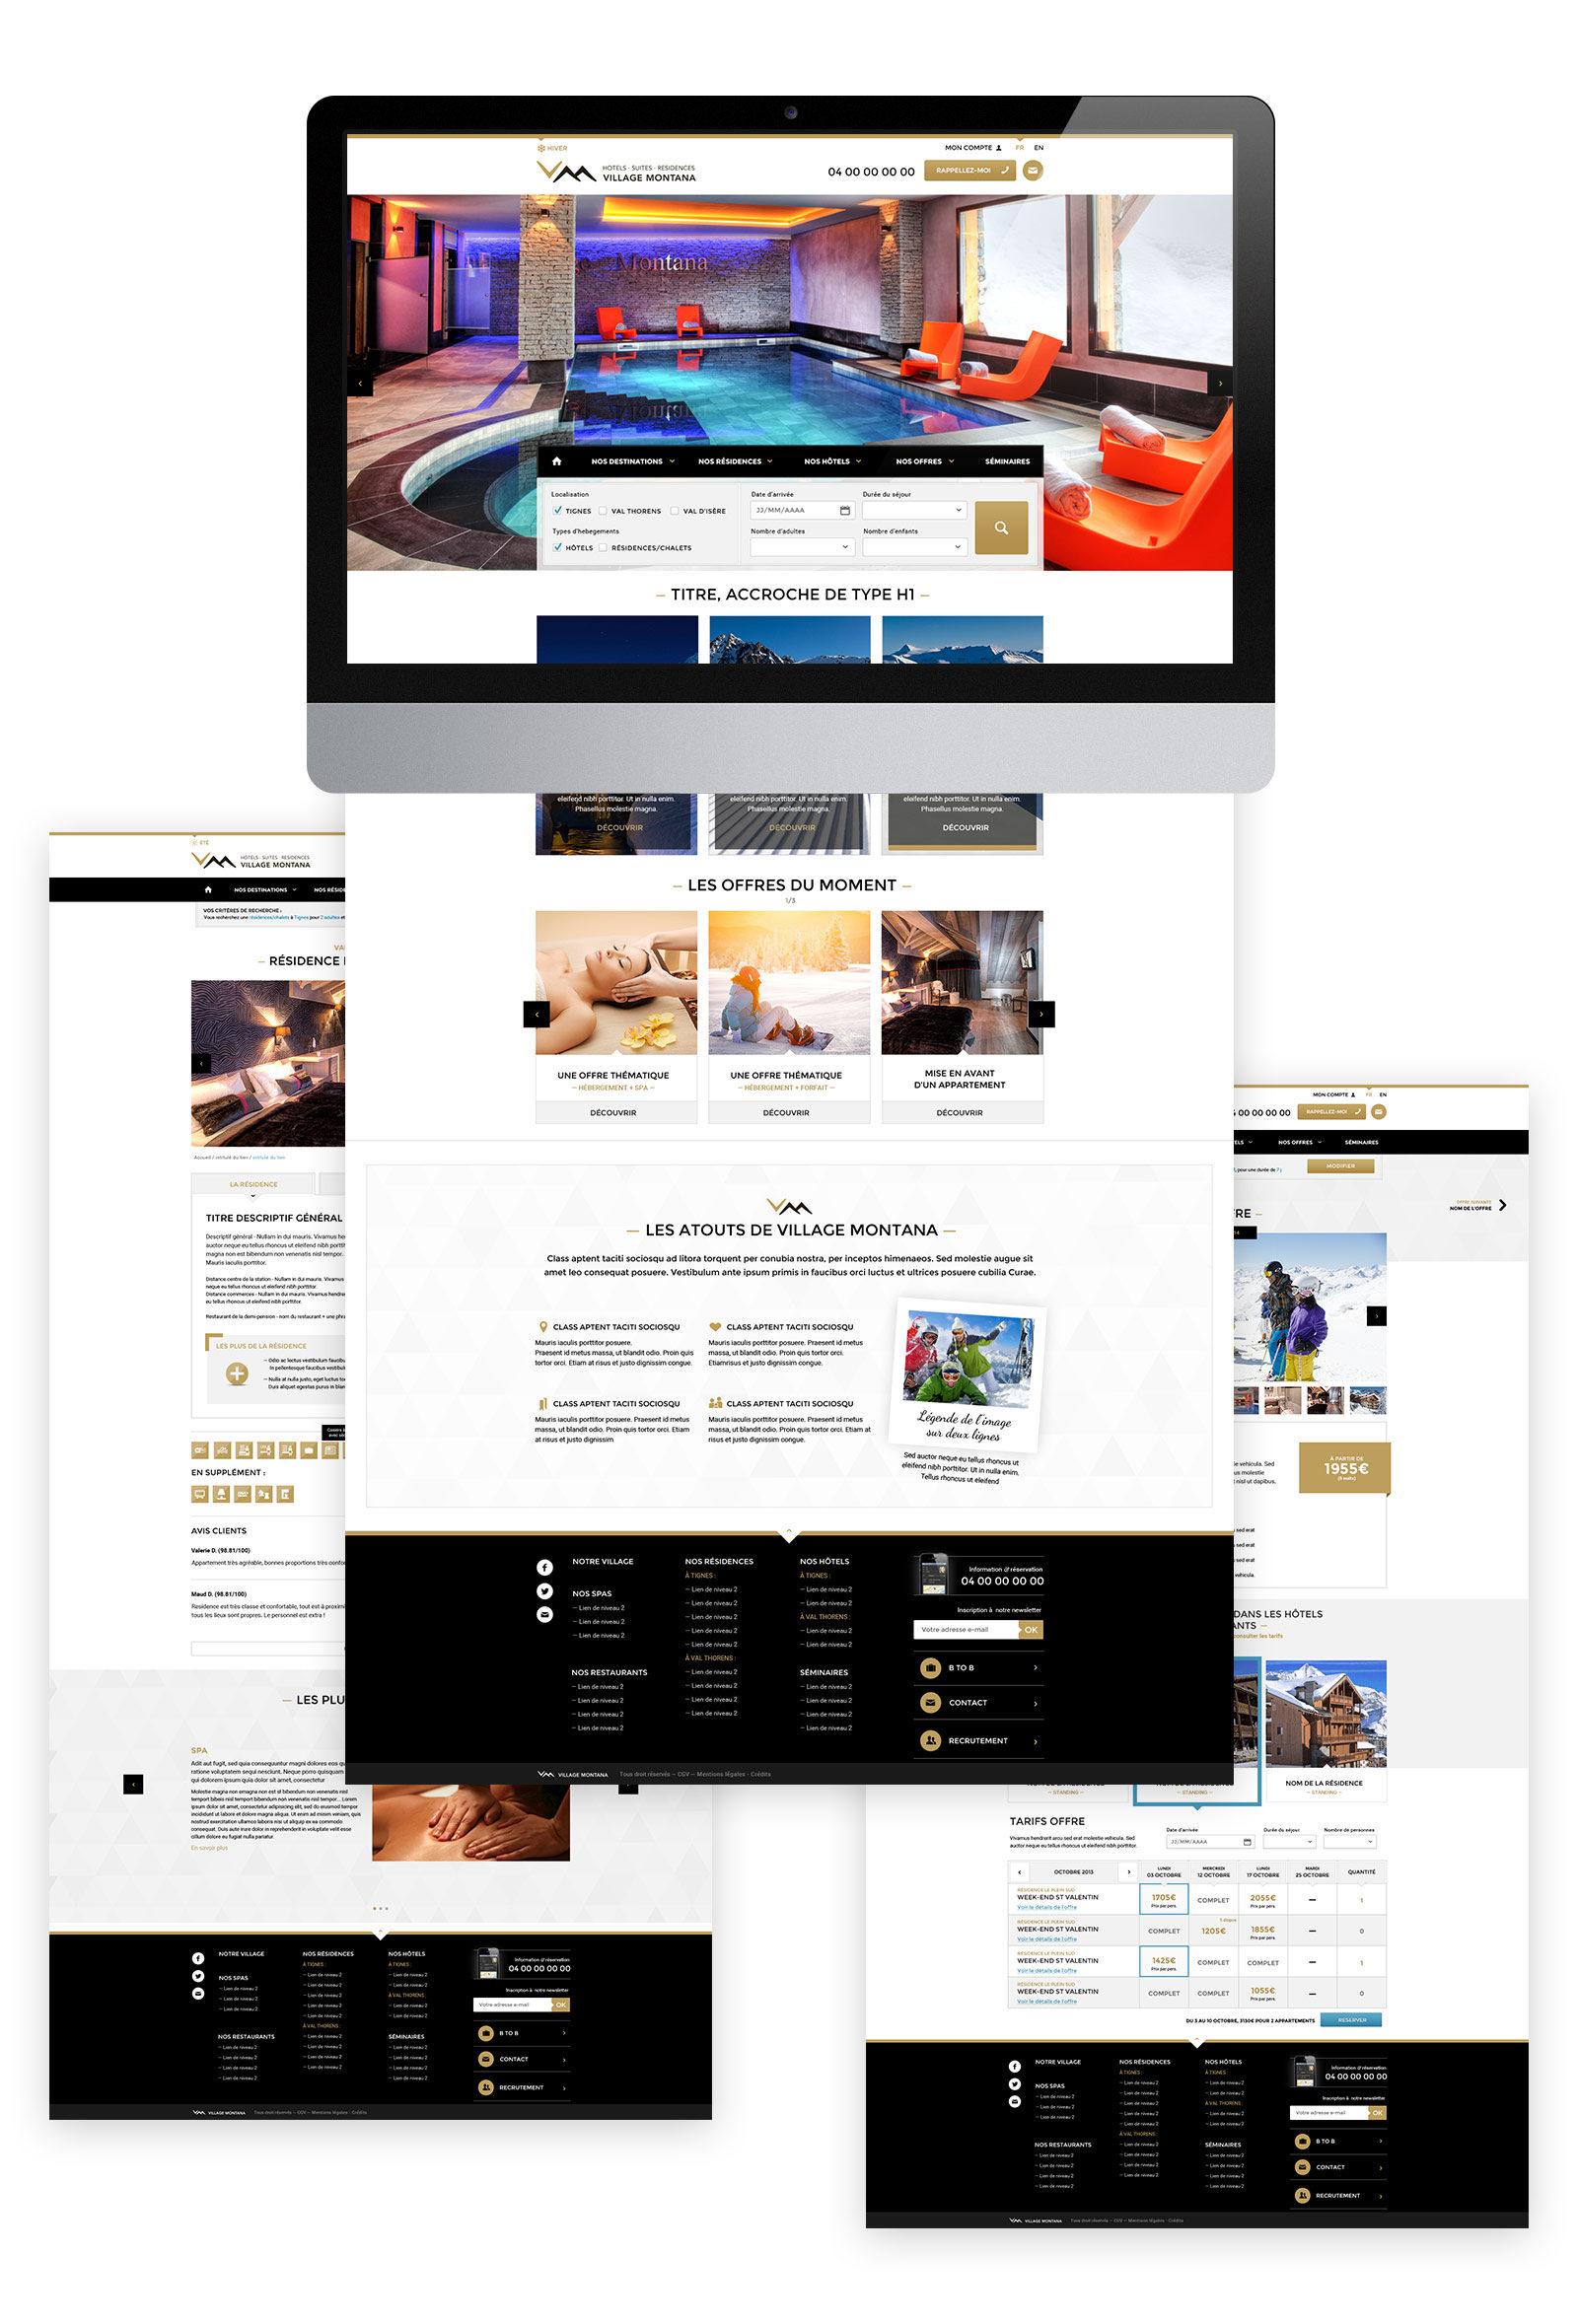 maquette des pages du site